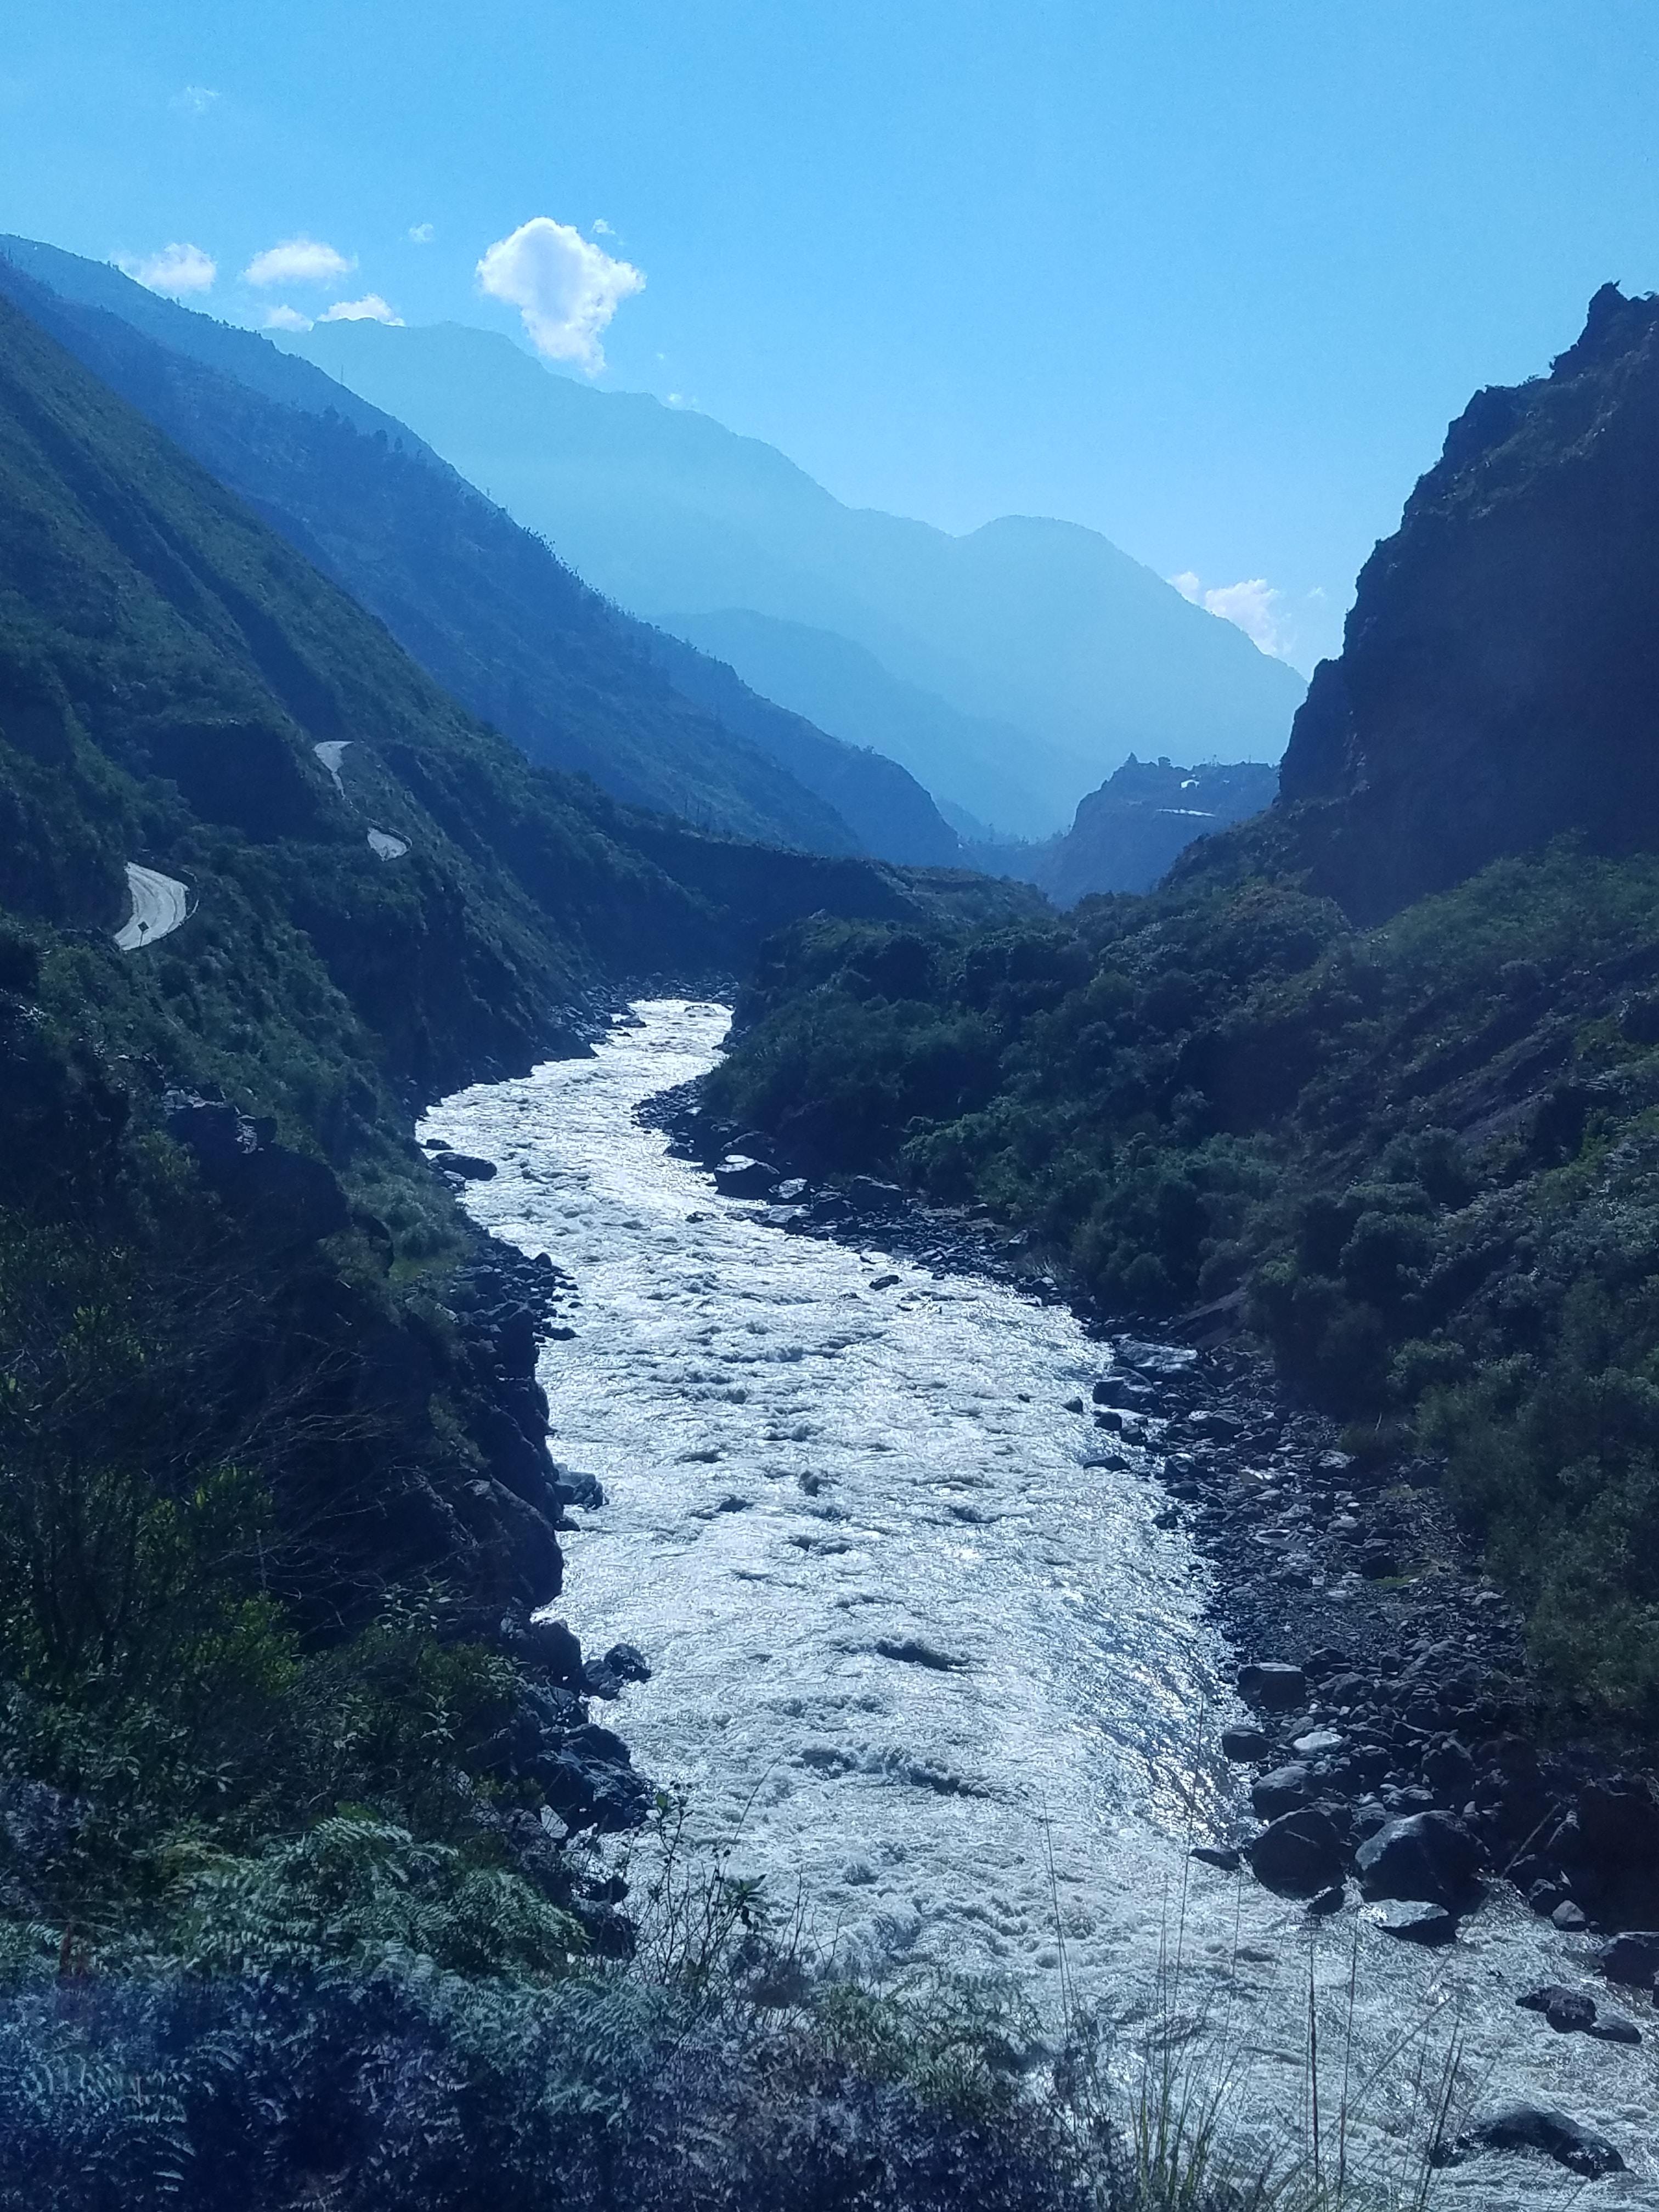 river flowing between green field